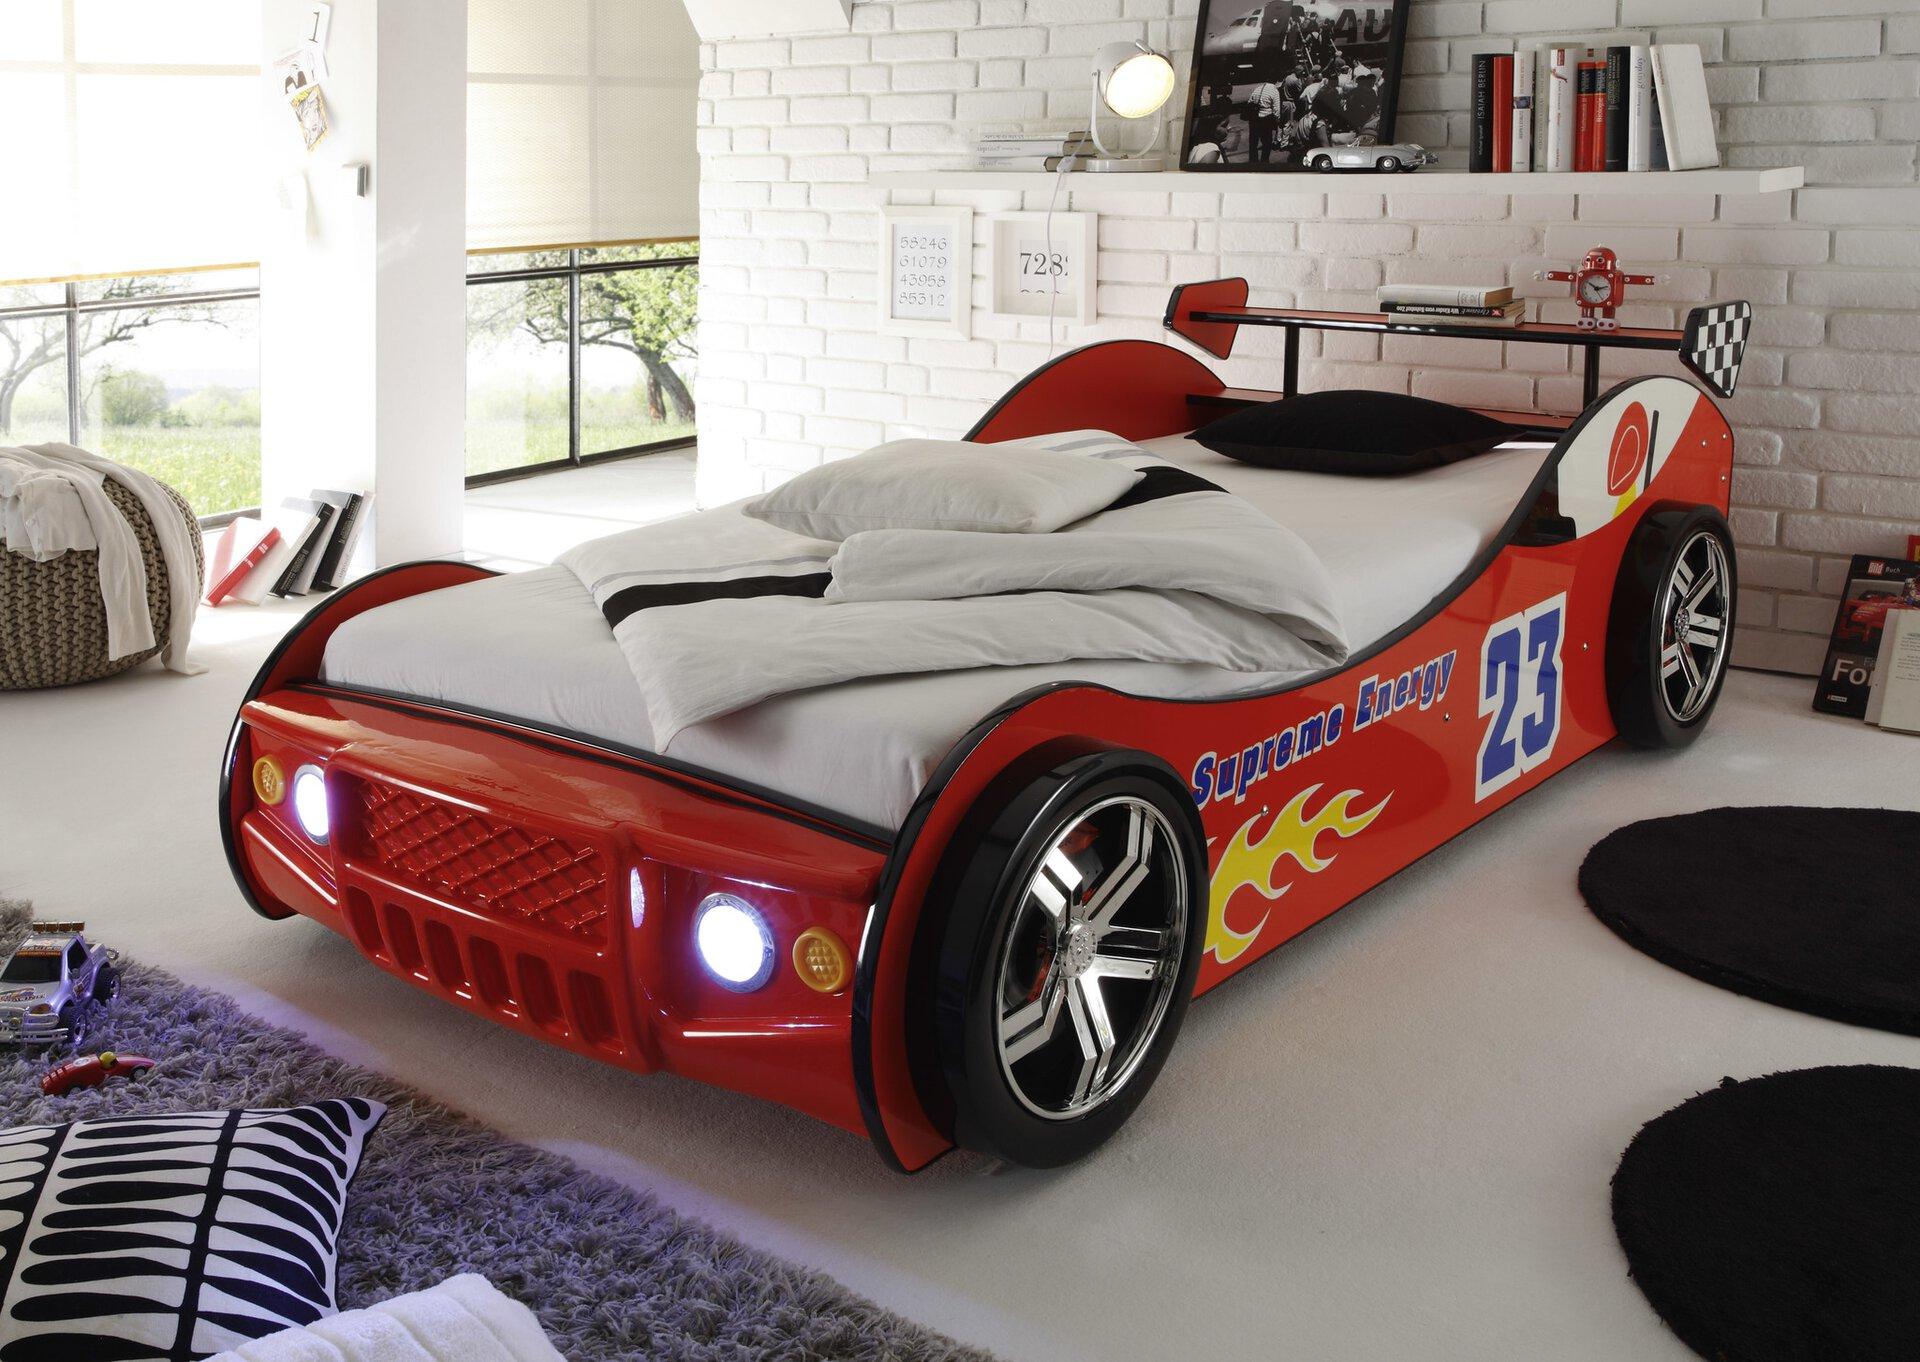 Kinderbett ENERGY inbuy Holzwerkstoff rot 220 x 69 x 109 cm